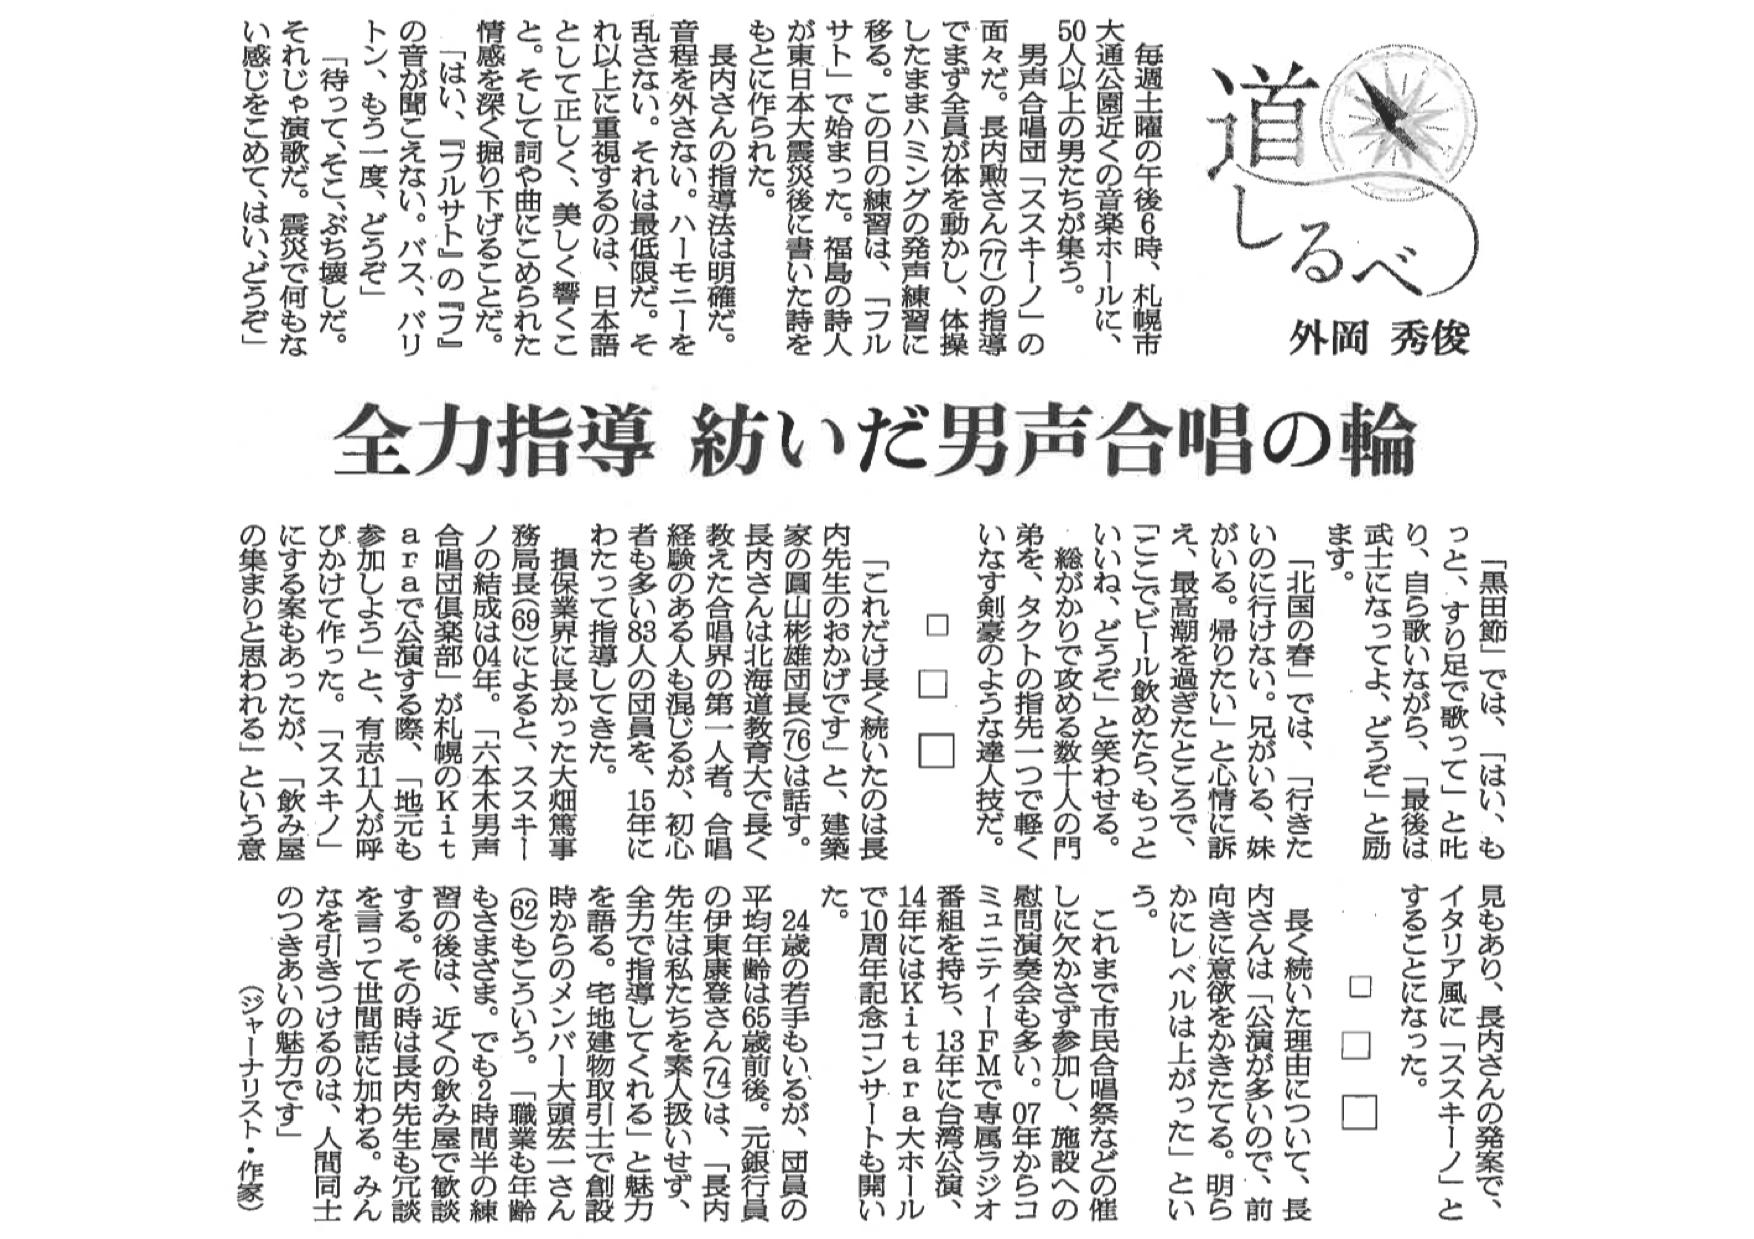 2019年8月8日 朝日新聞 コラム「道しるべ」